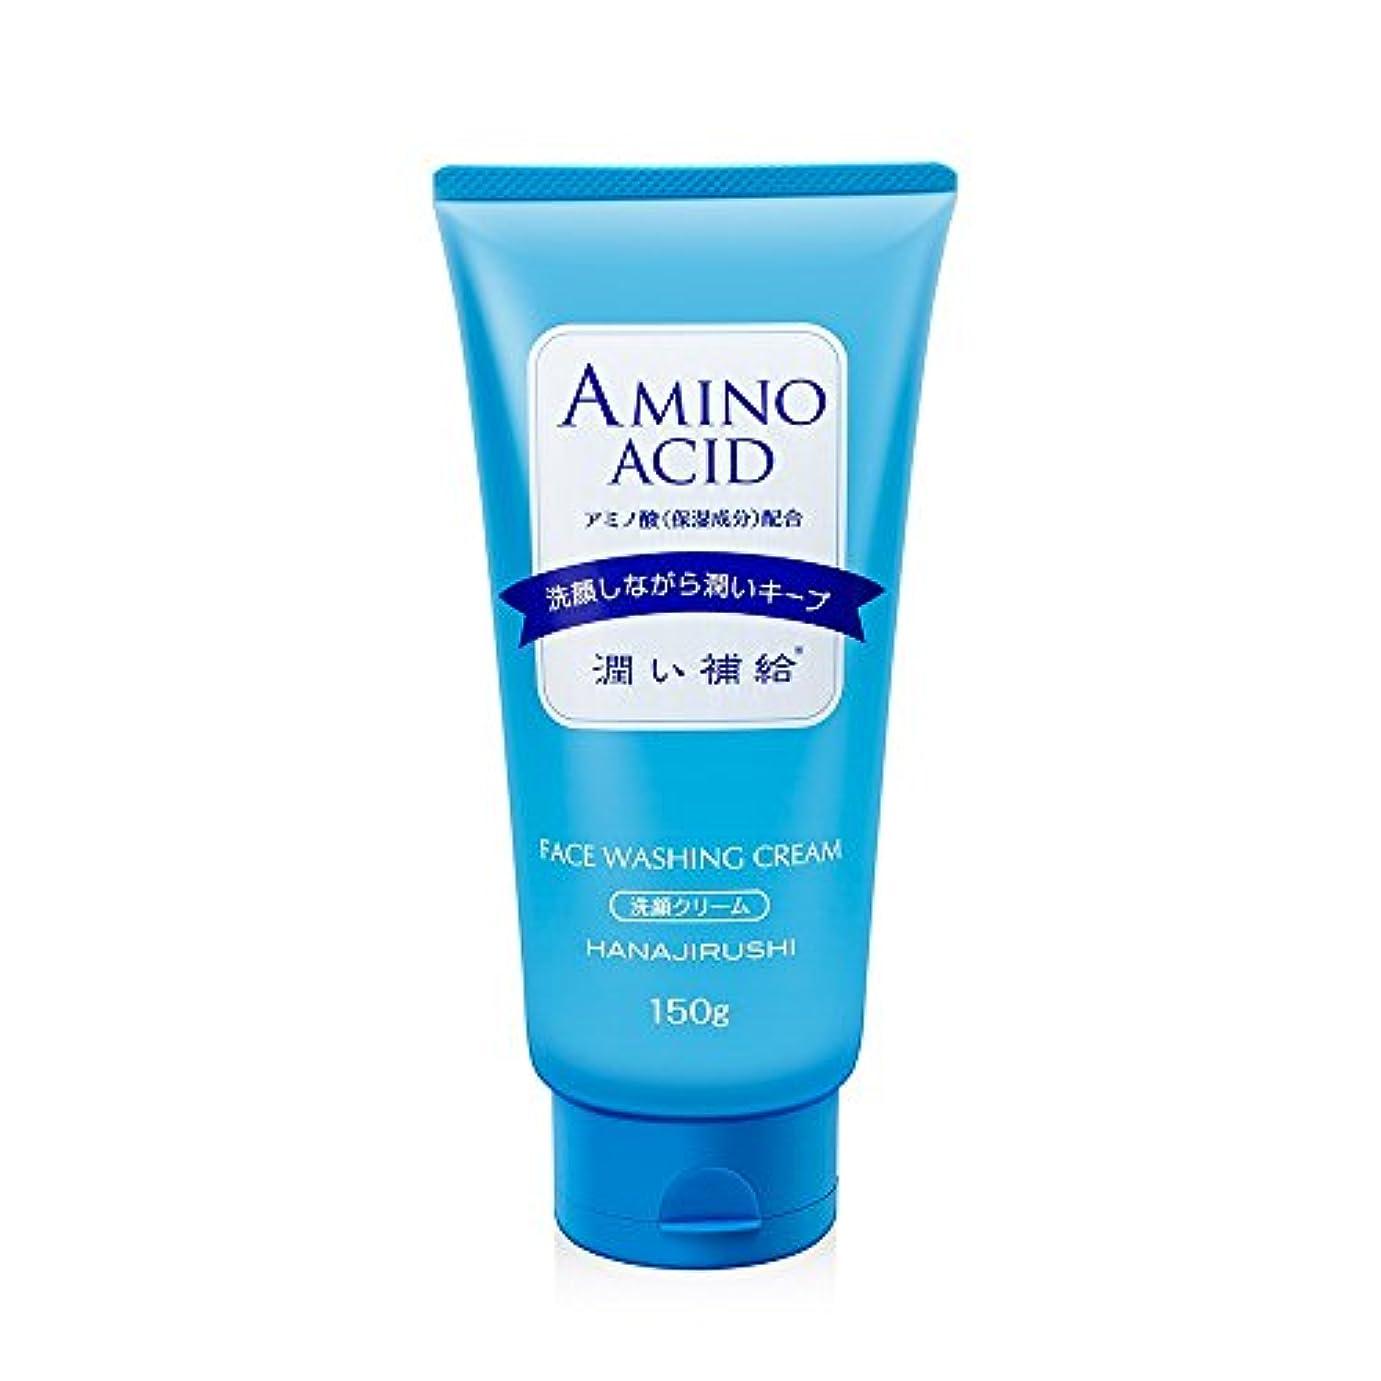 感心するブランド名マルクス主義花印 保湿補水洗顔クリーム 150g